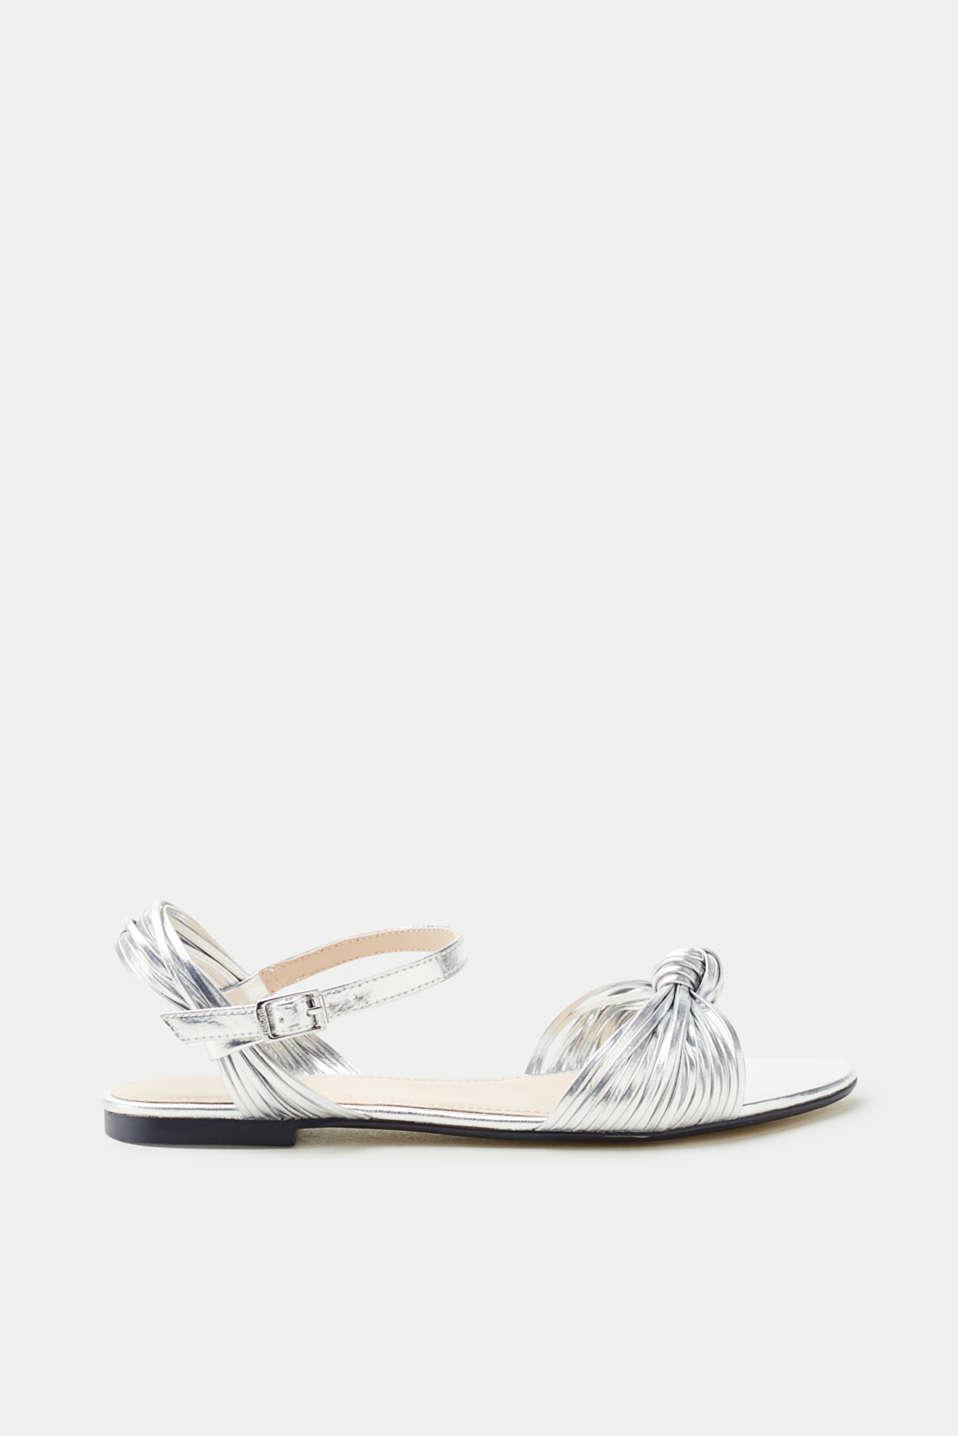 Esprit Flache Metallic-Sandale mit schmalen Riemchen für Damen, Größe 40, Ice